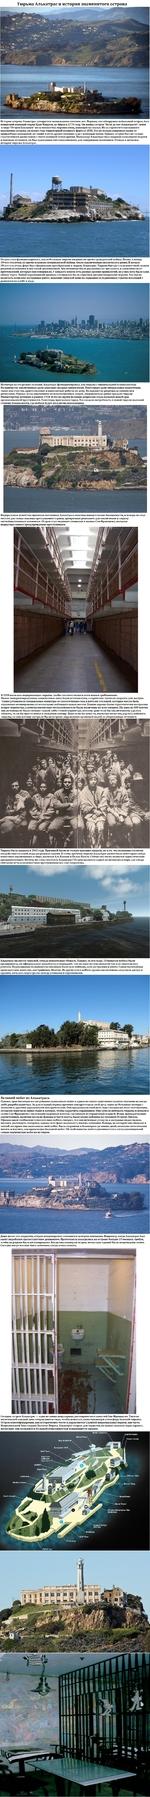 Guardhouse d Tower Тюрьма Алькатрас и история знаменитого острова